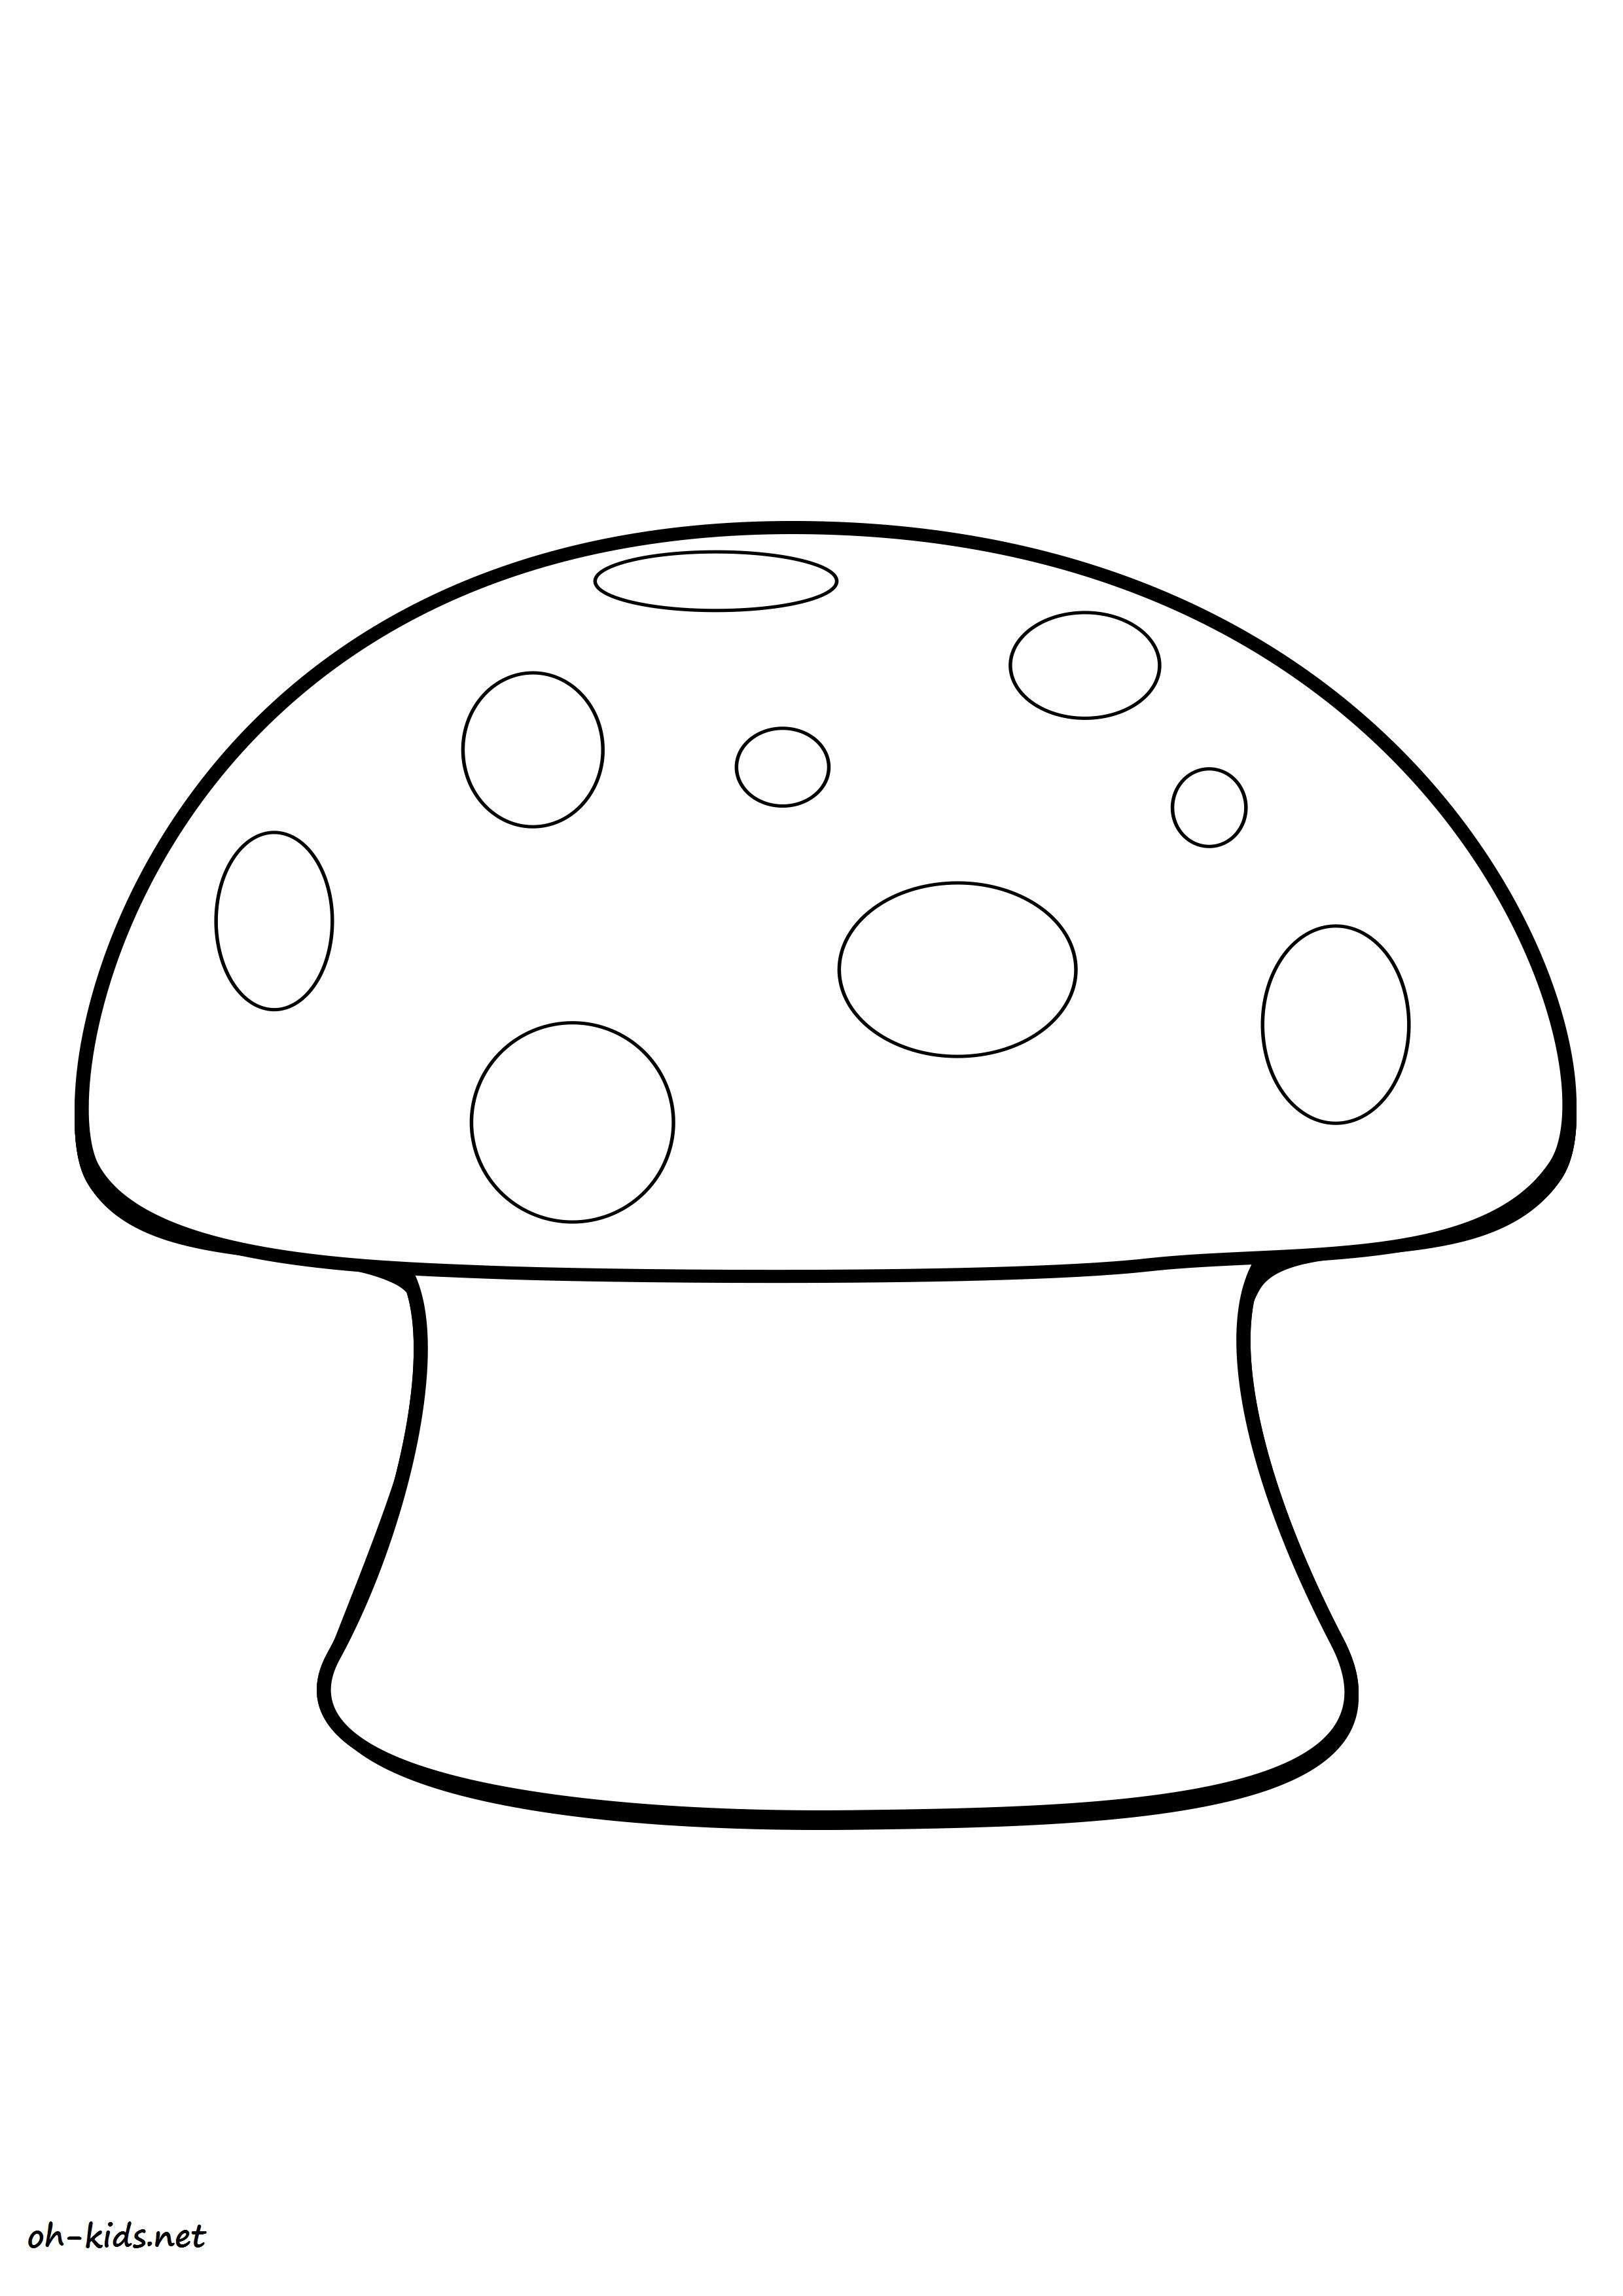 Coloriage champignon oh kids fr - Dessin de champignons a imprimer ...